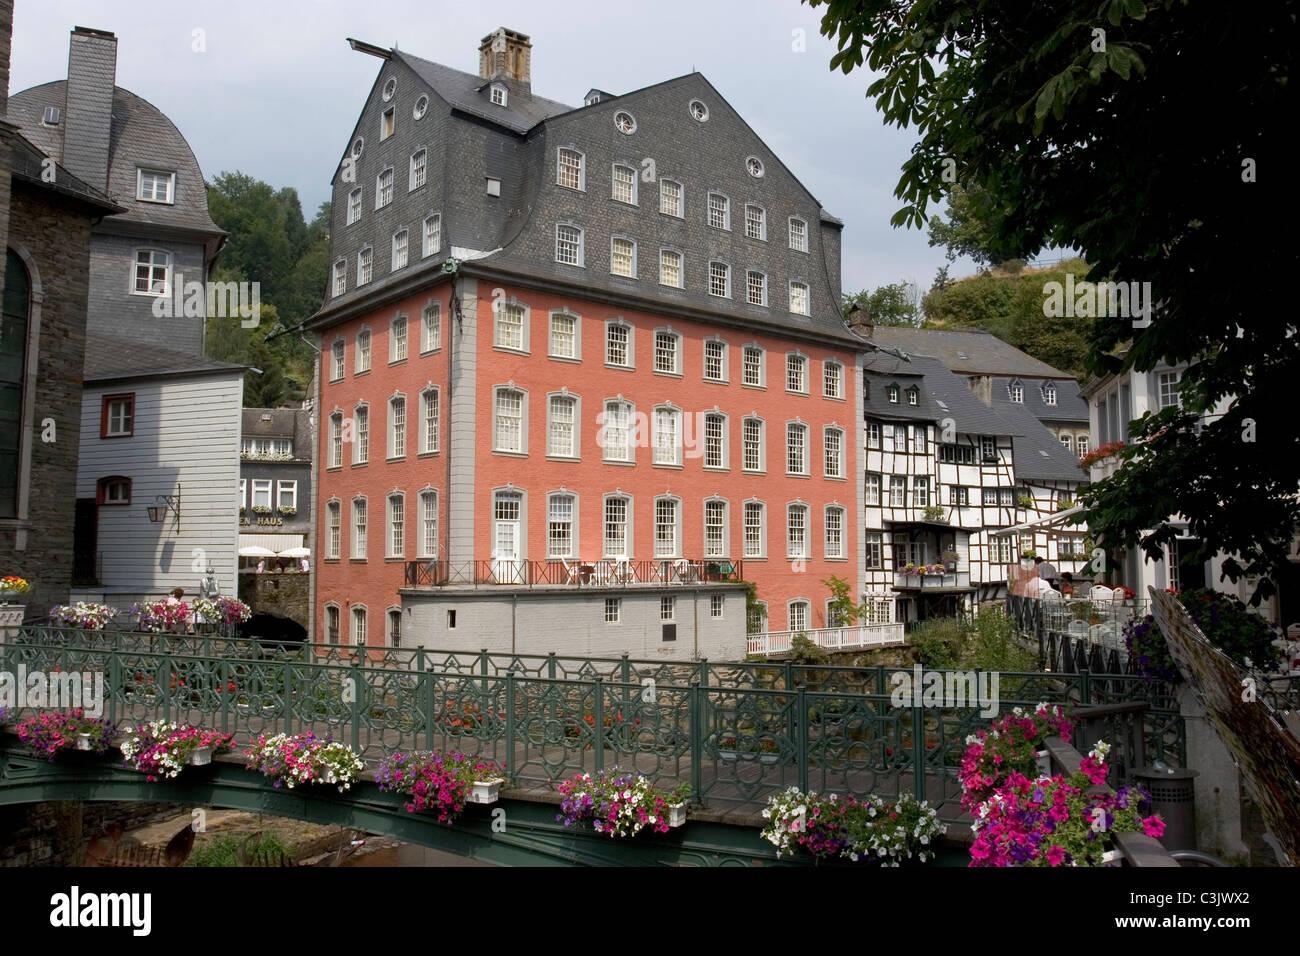 Monschau Rotes Haus Haus Scheibler Stock s & Monschau